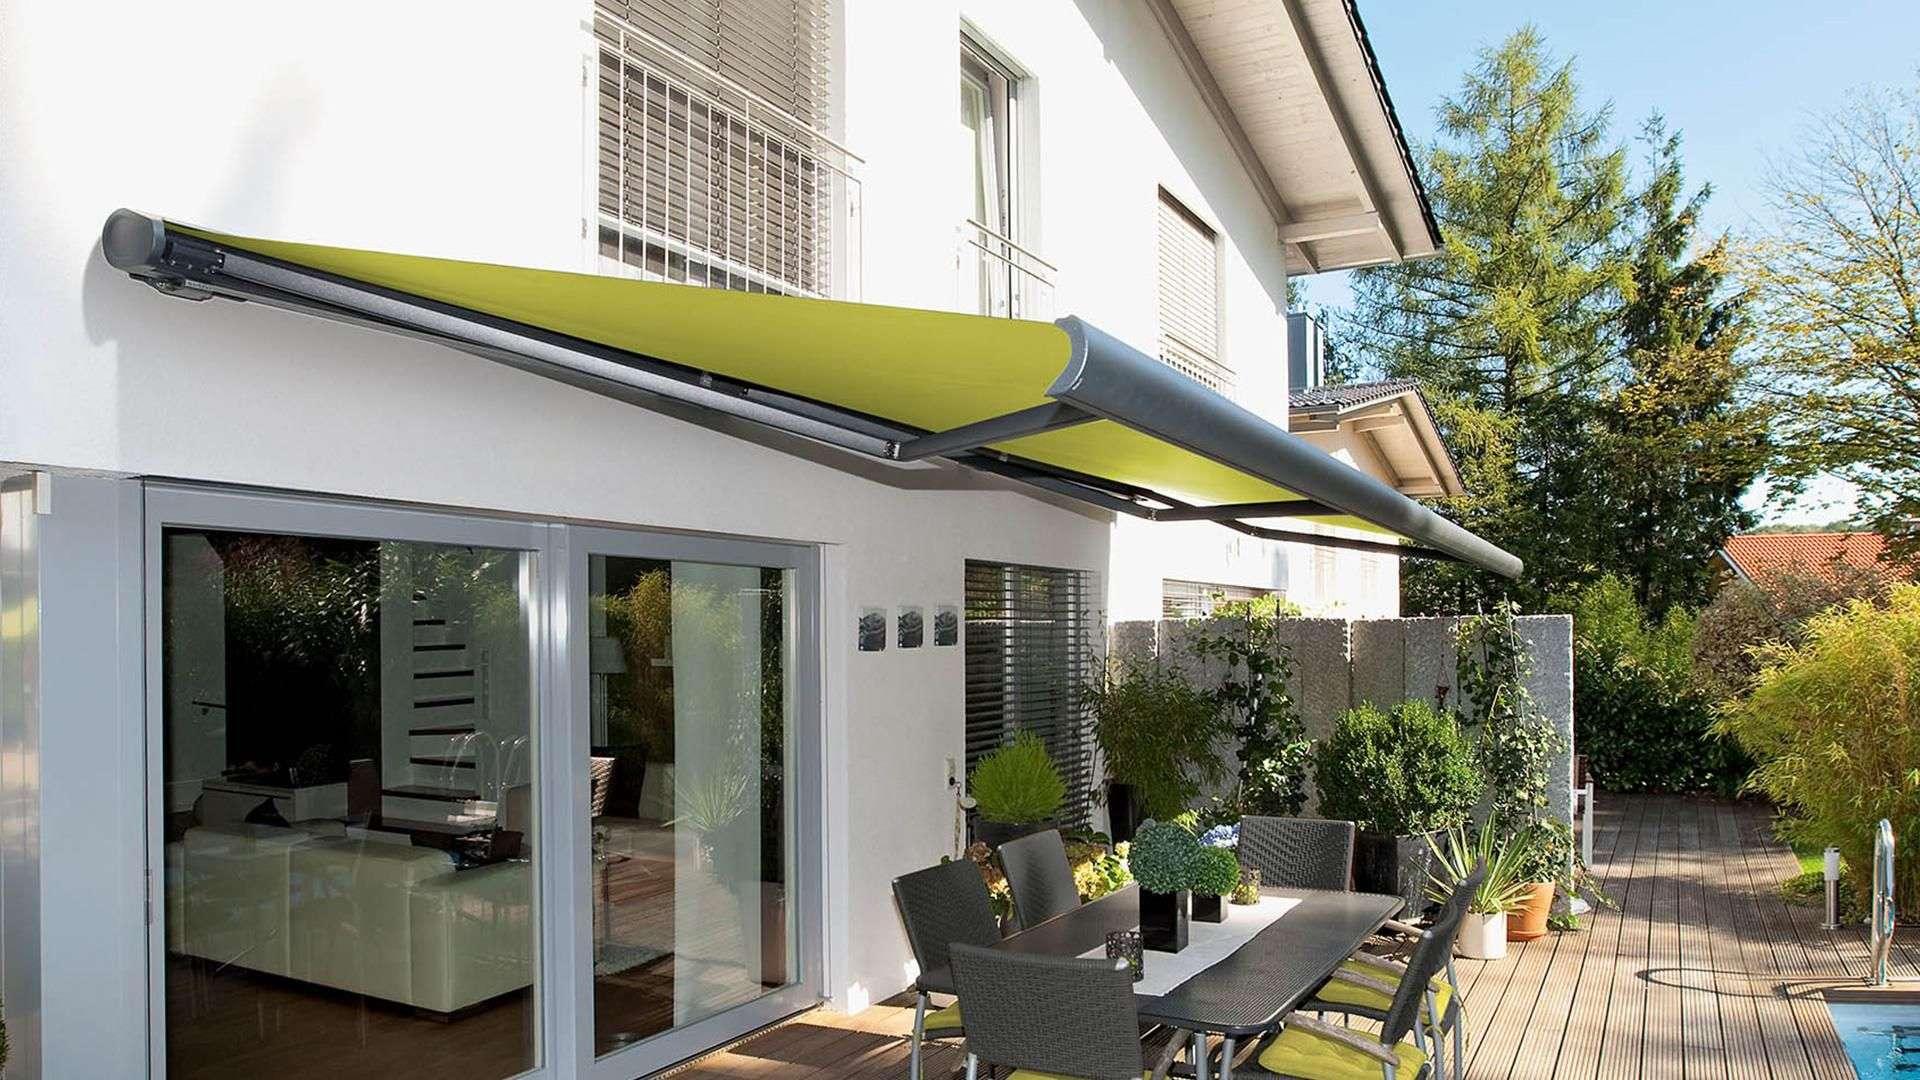 grüne Gelenkarm-Markise an einem weißen Wohnhaus mit Terrasse mit Esstisch